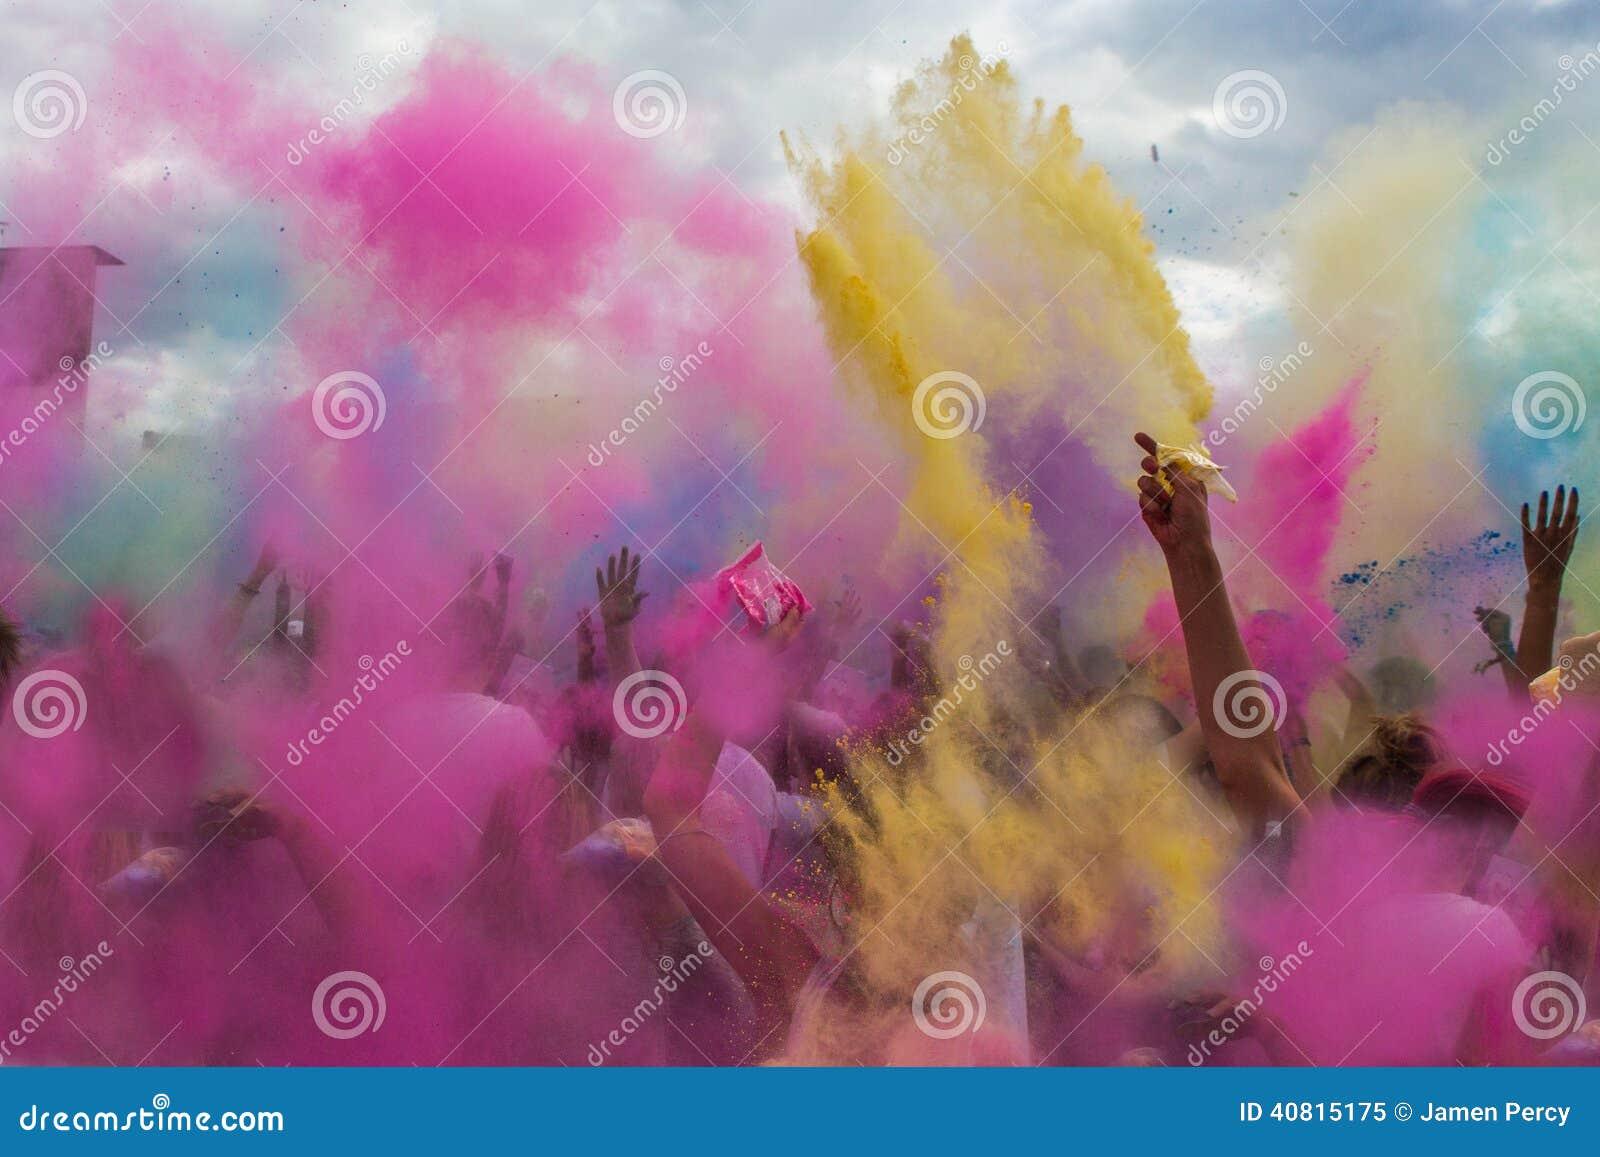 Фестиваль цветов, Индия Holi